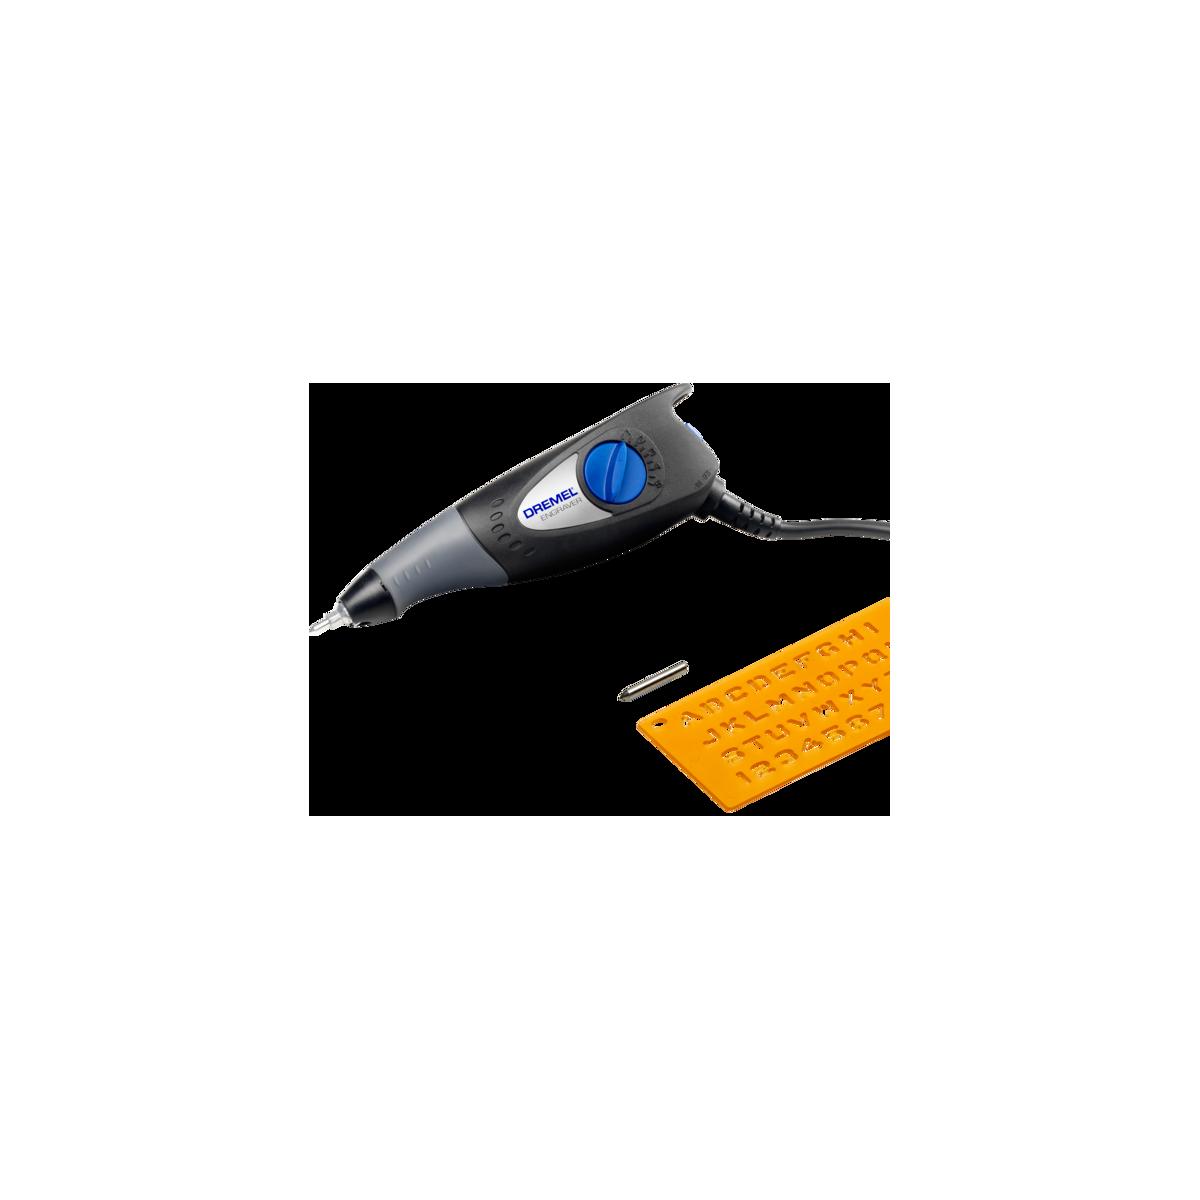 DREMEL Gravēšanas instruments 290 F0130290JM